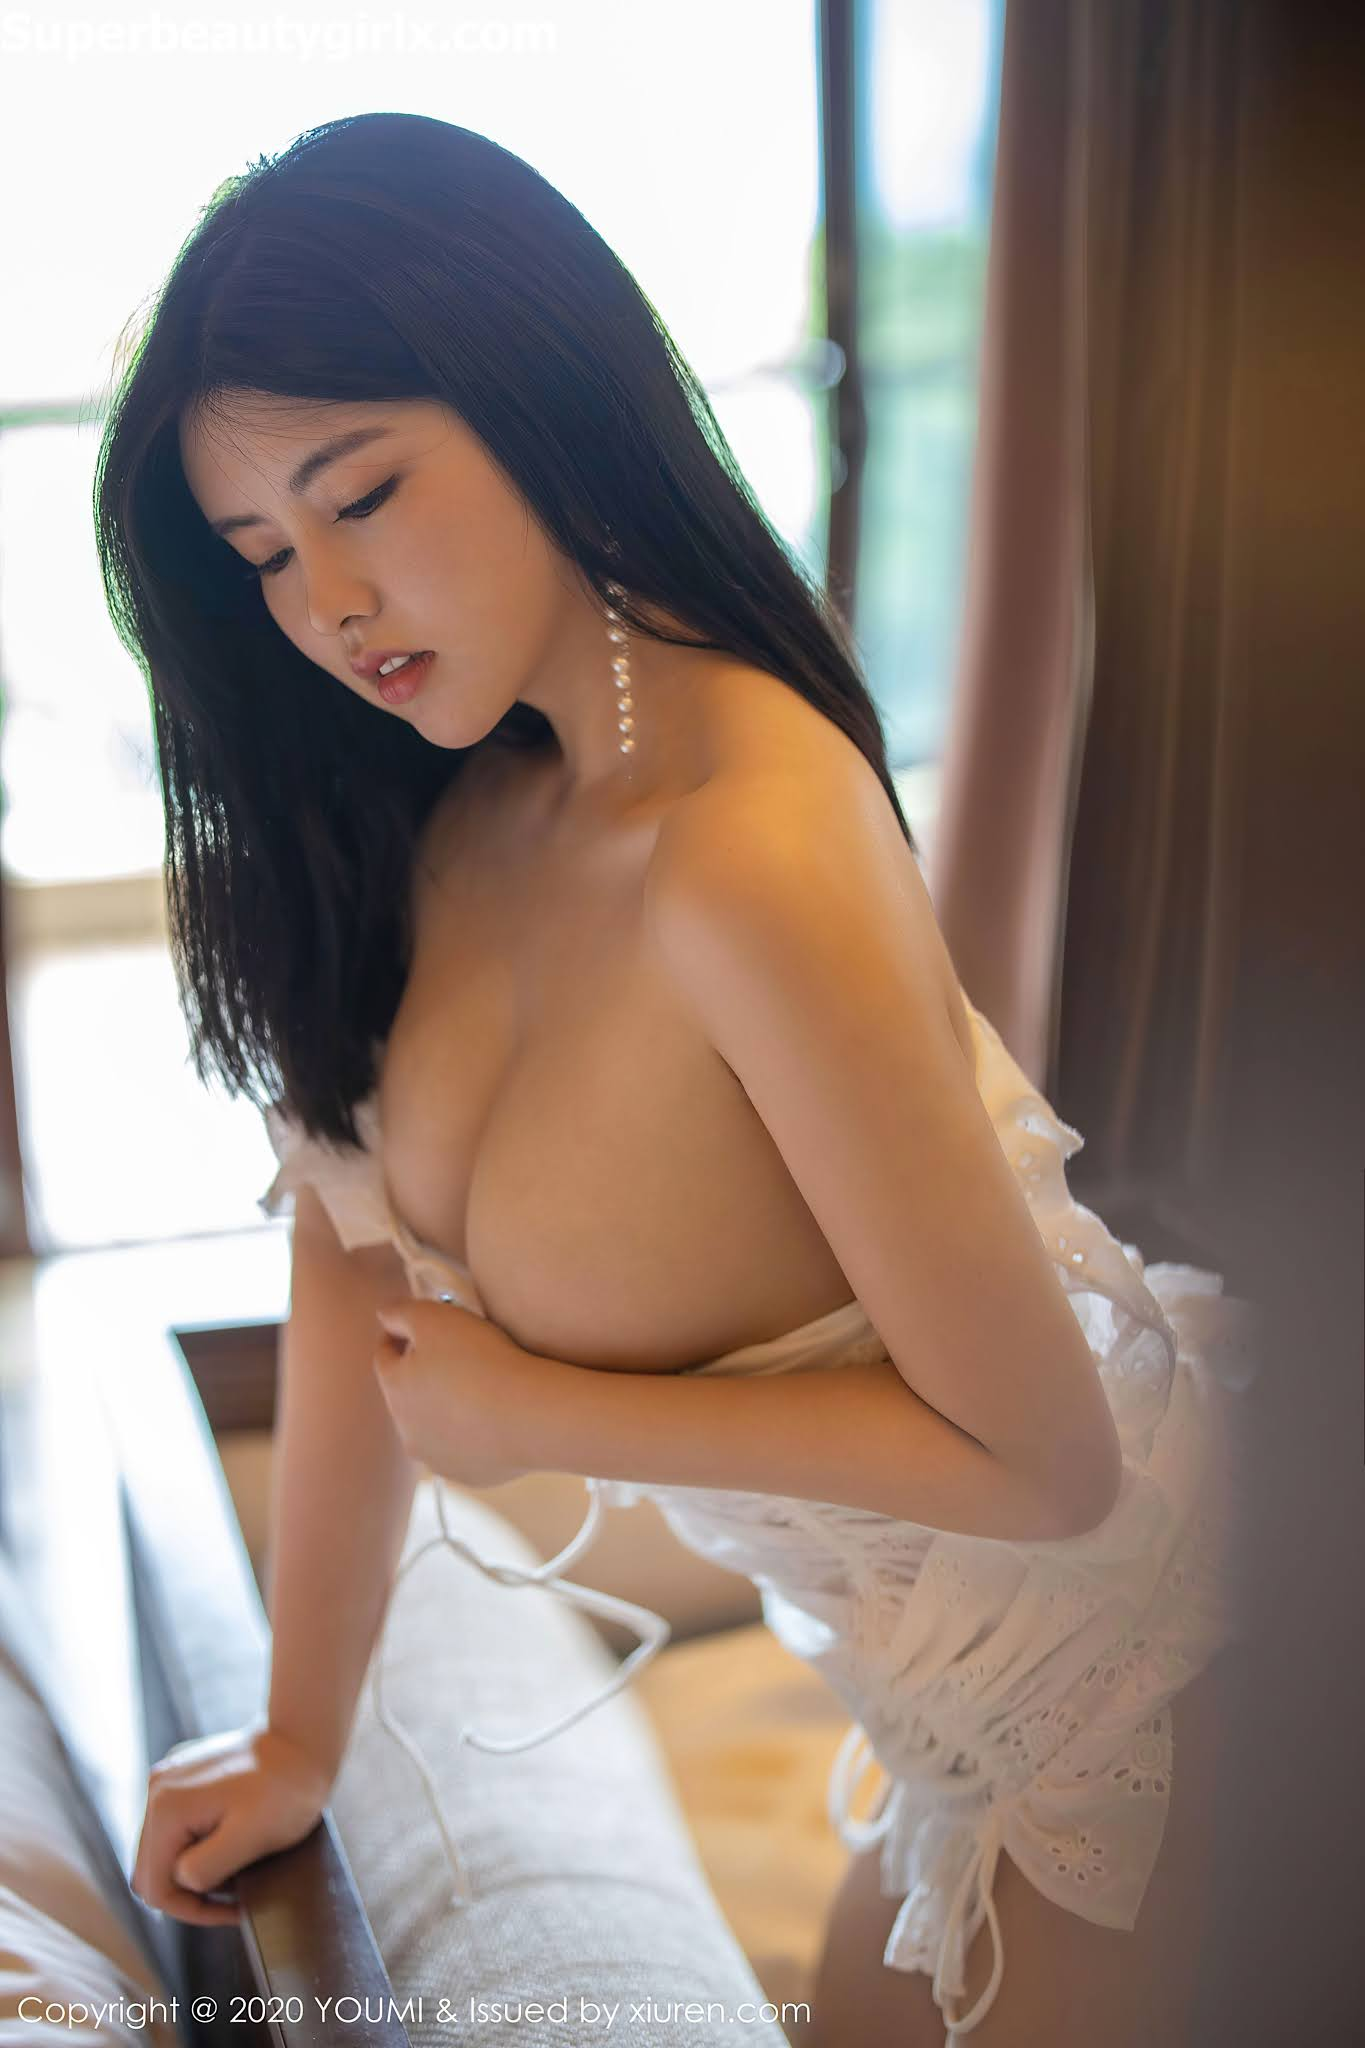 YouMi-Vol.543-Selena-Superbeautygirlx.com